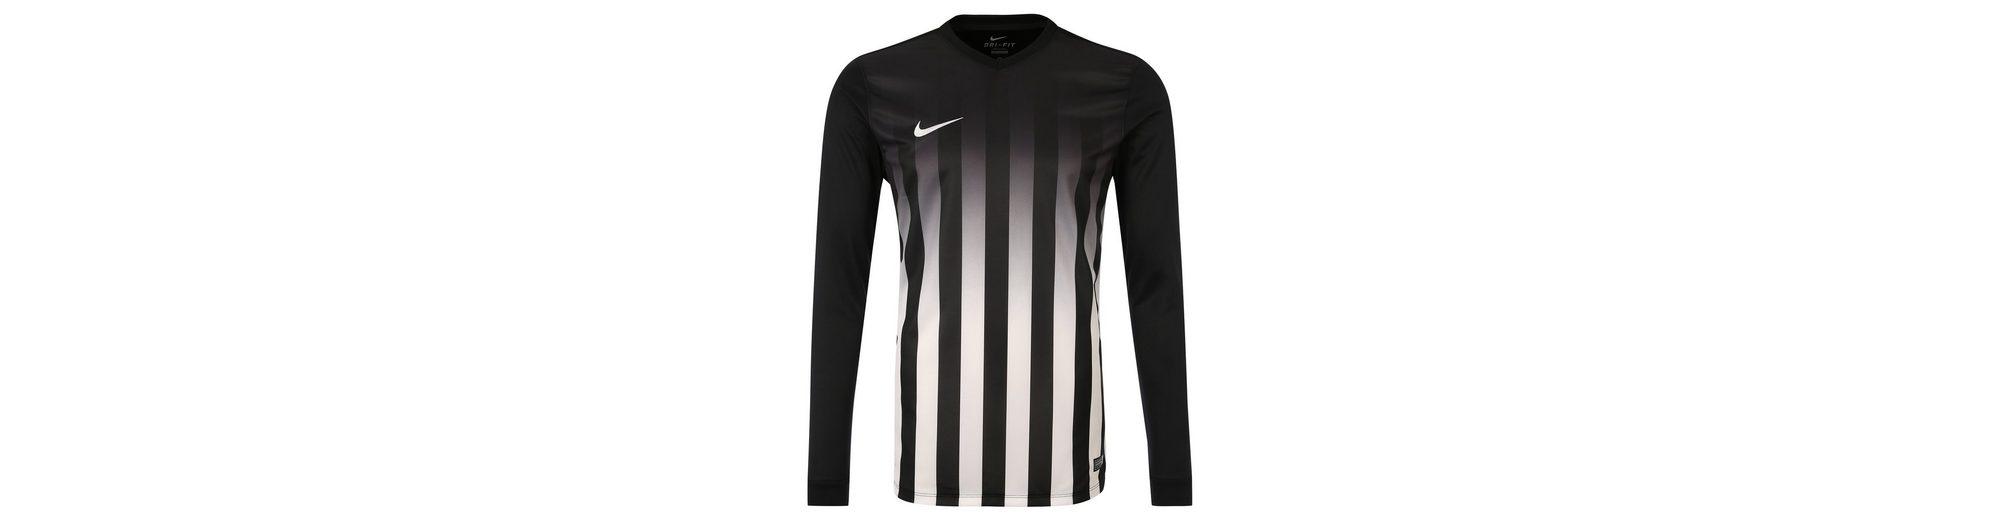 Günstiger Versand Billig Verkaufen Niedrigsten Preis Nike Striped Division II Fußballtrikot Herren Beliebt OqL7A